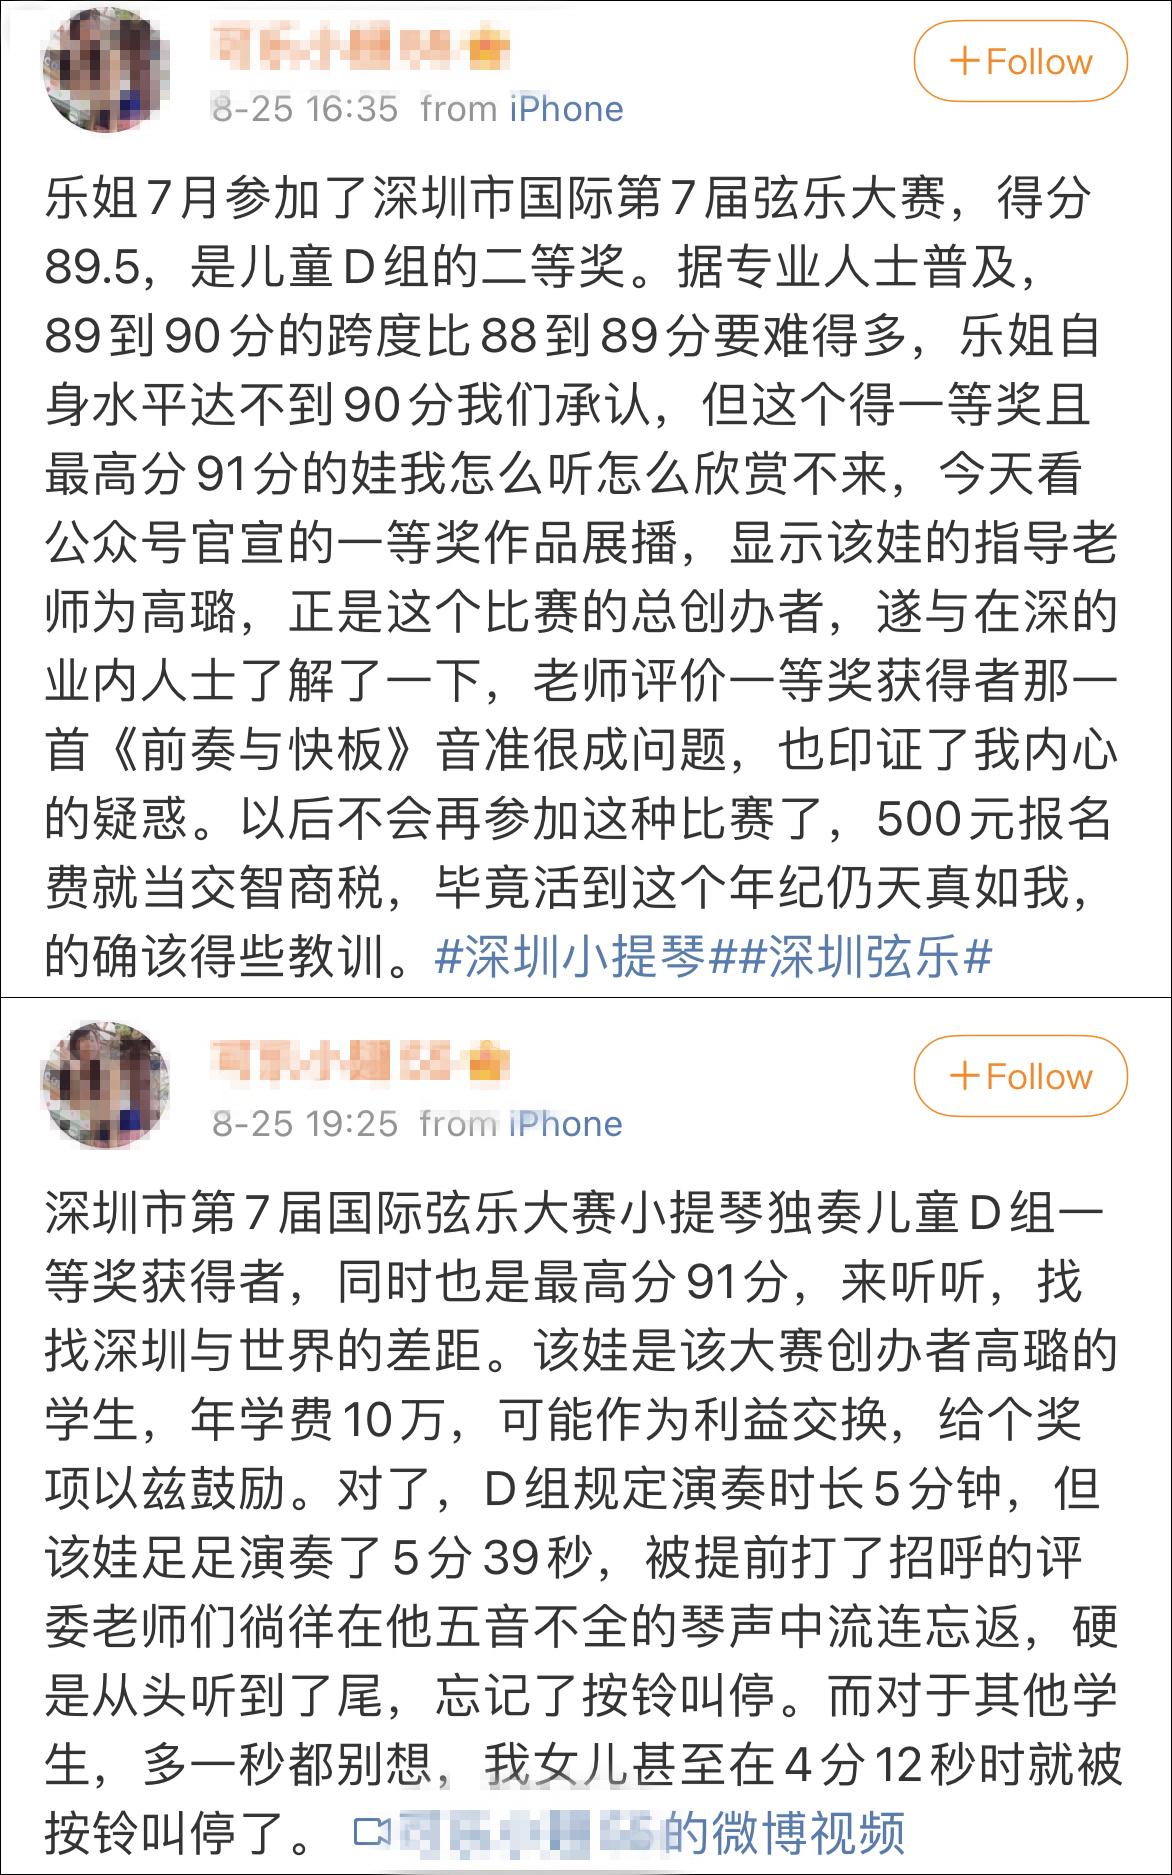 家长质疑深圳国际弦乐大赛冠军有黑幕 主办方:她通过混剪视频歪曲事实